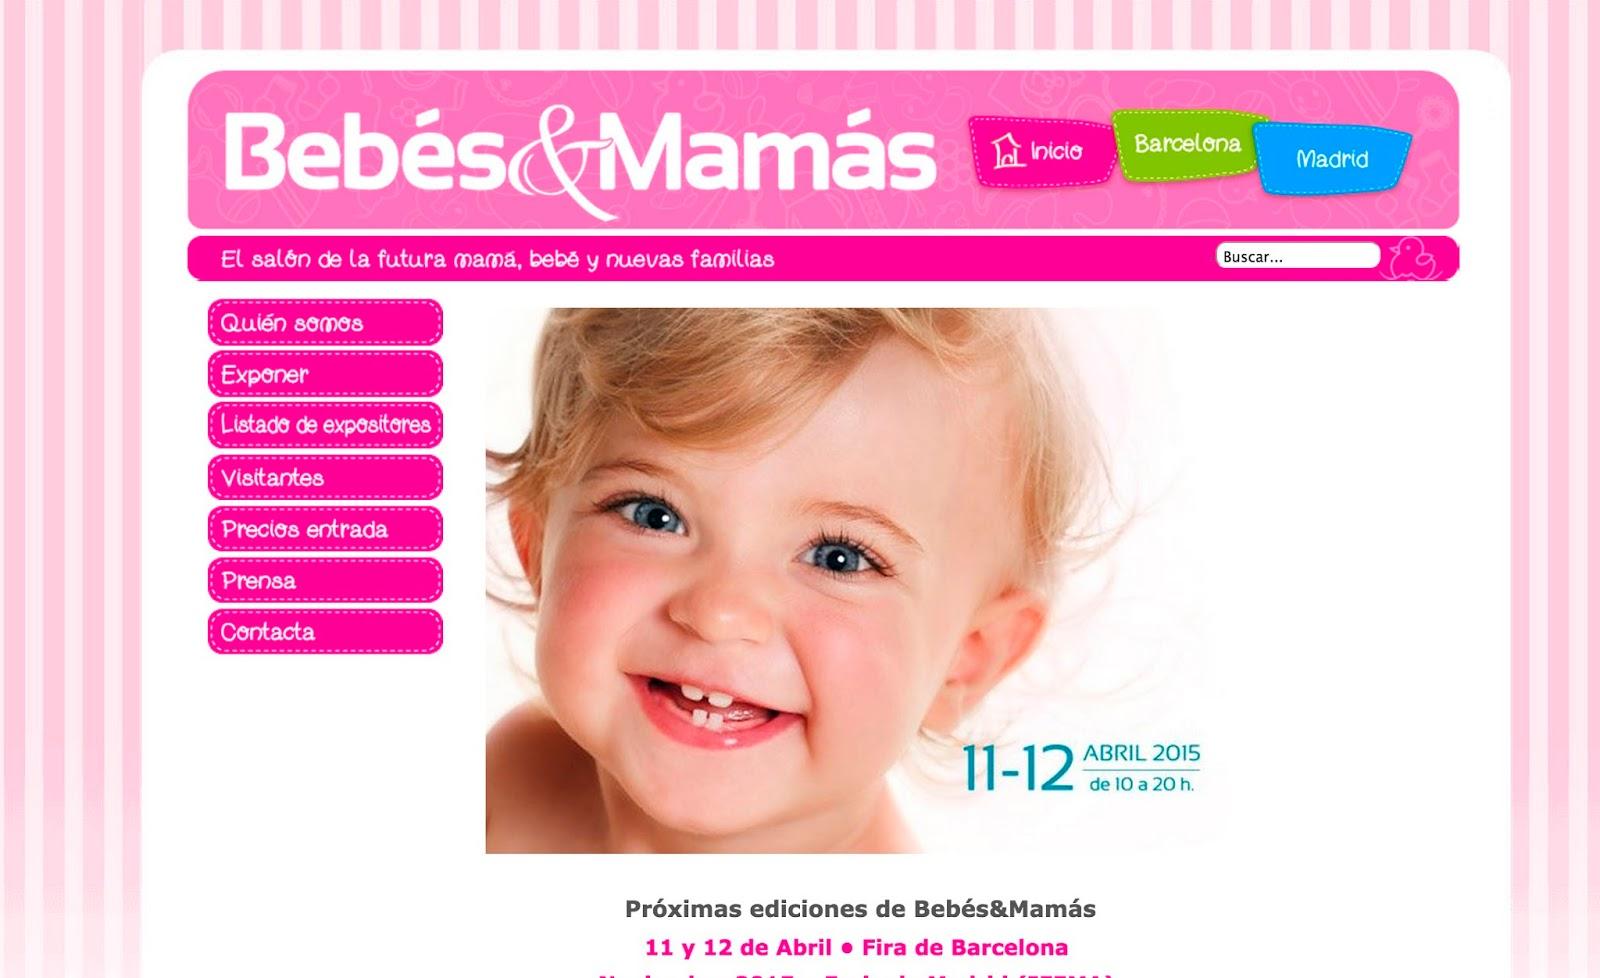 Maria, la ganadora del cartel del salón del bebé Bebés&Mamás